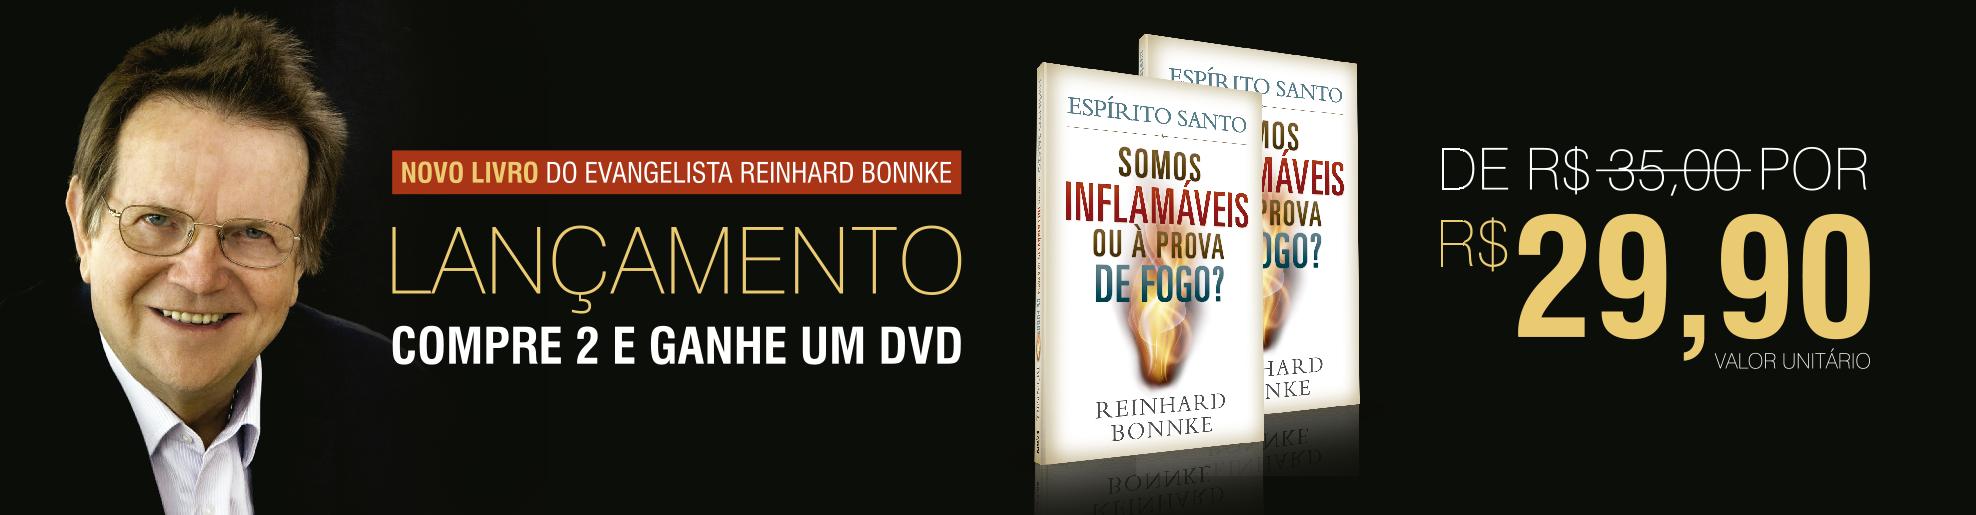 novo livro reinhard bonnke espírito santo inflamáveis ou a prova de fogo